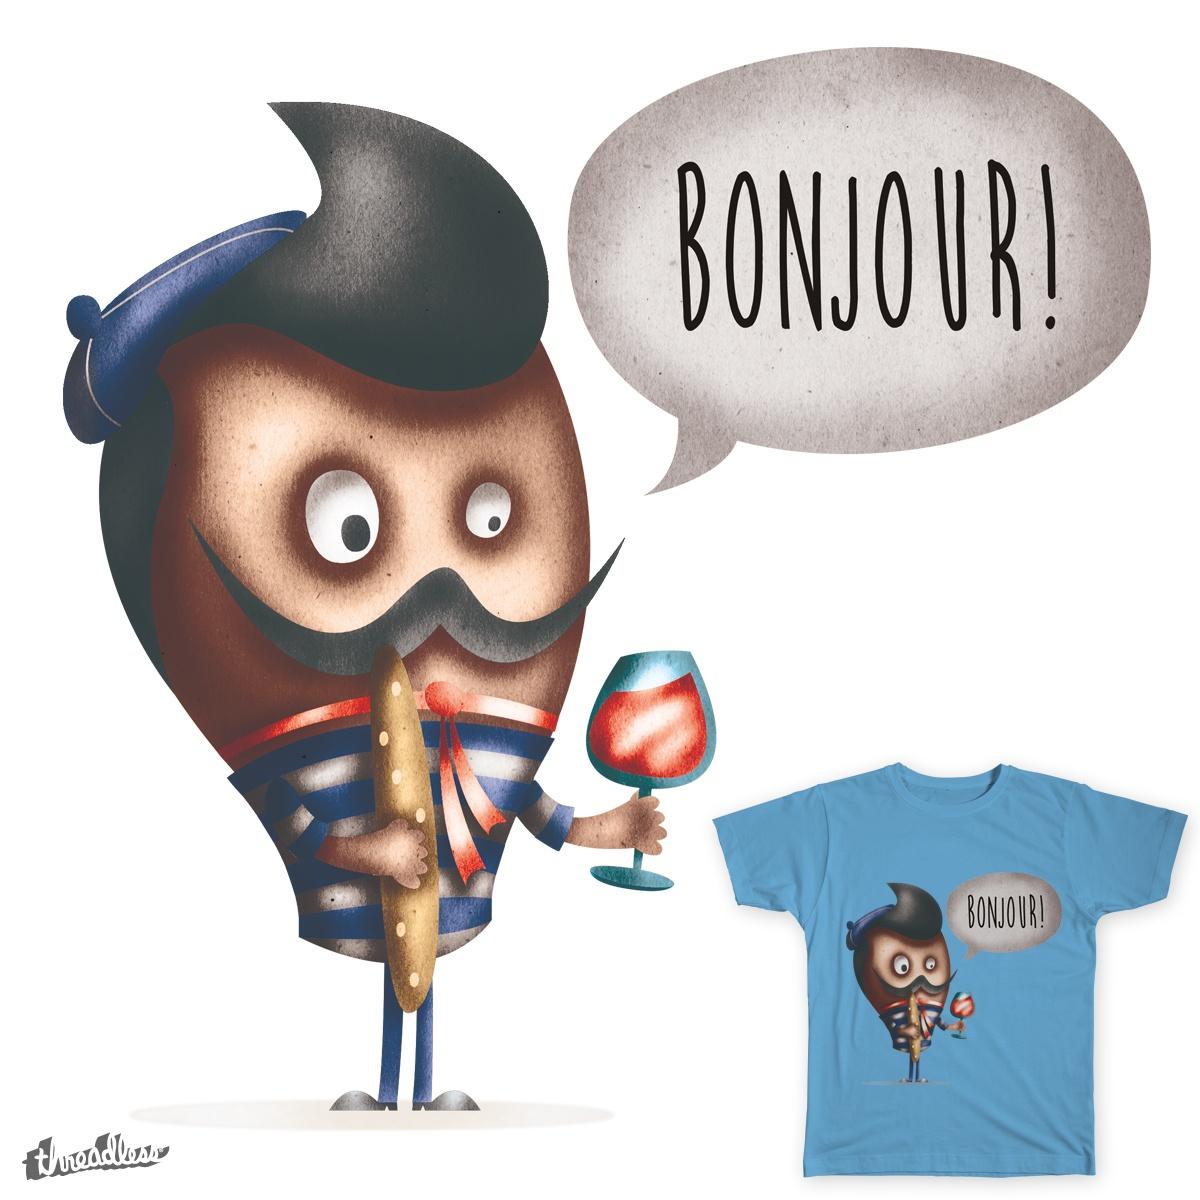 Bonjour! by Supabean on Threadless